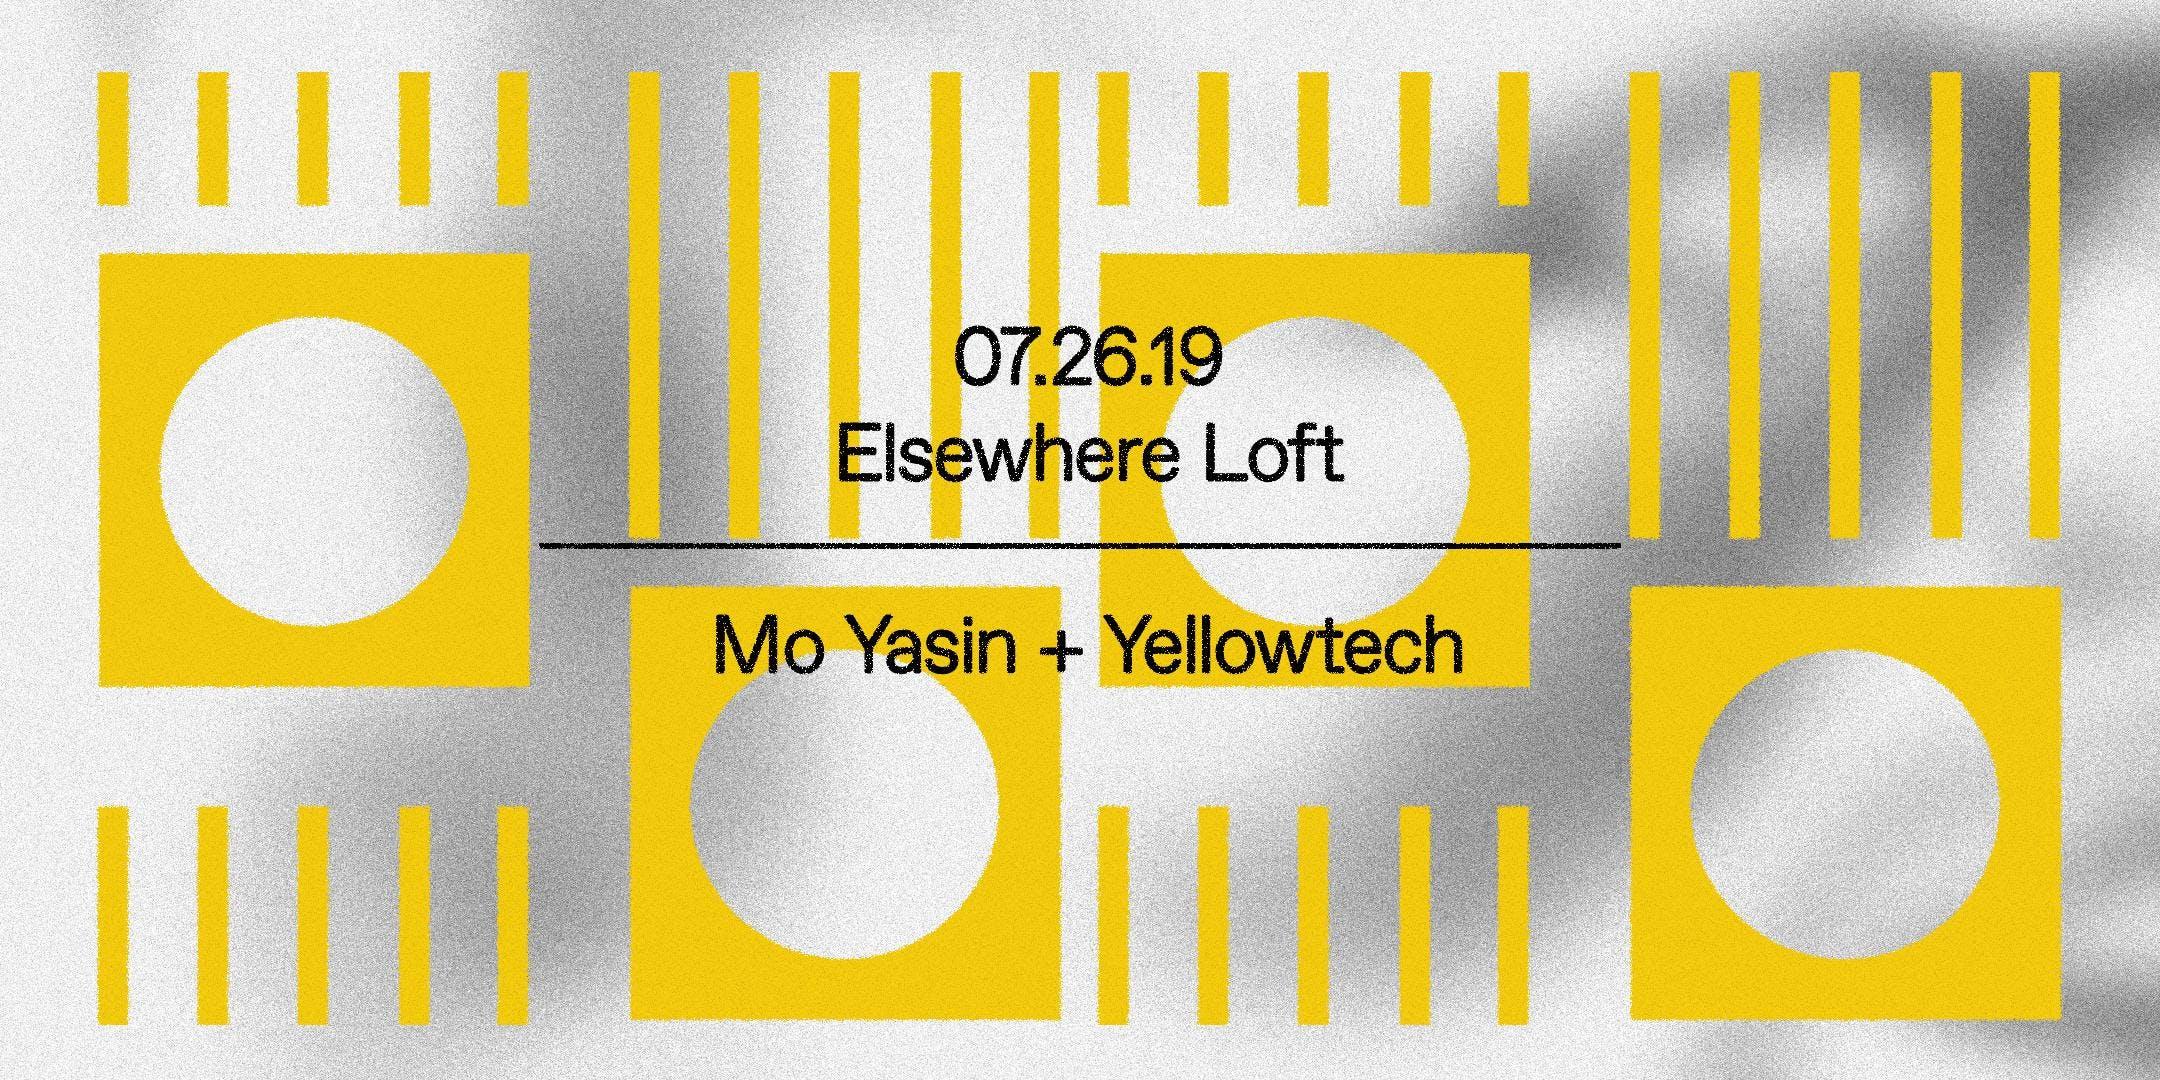 Mo Yasin + Yellowtech